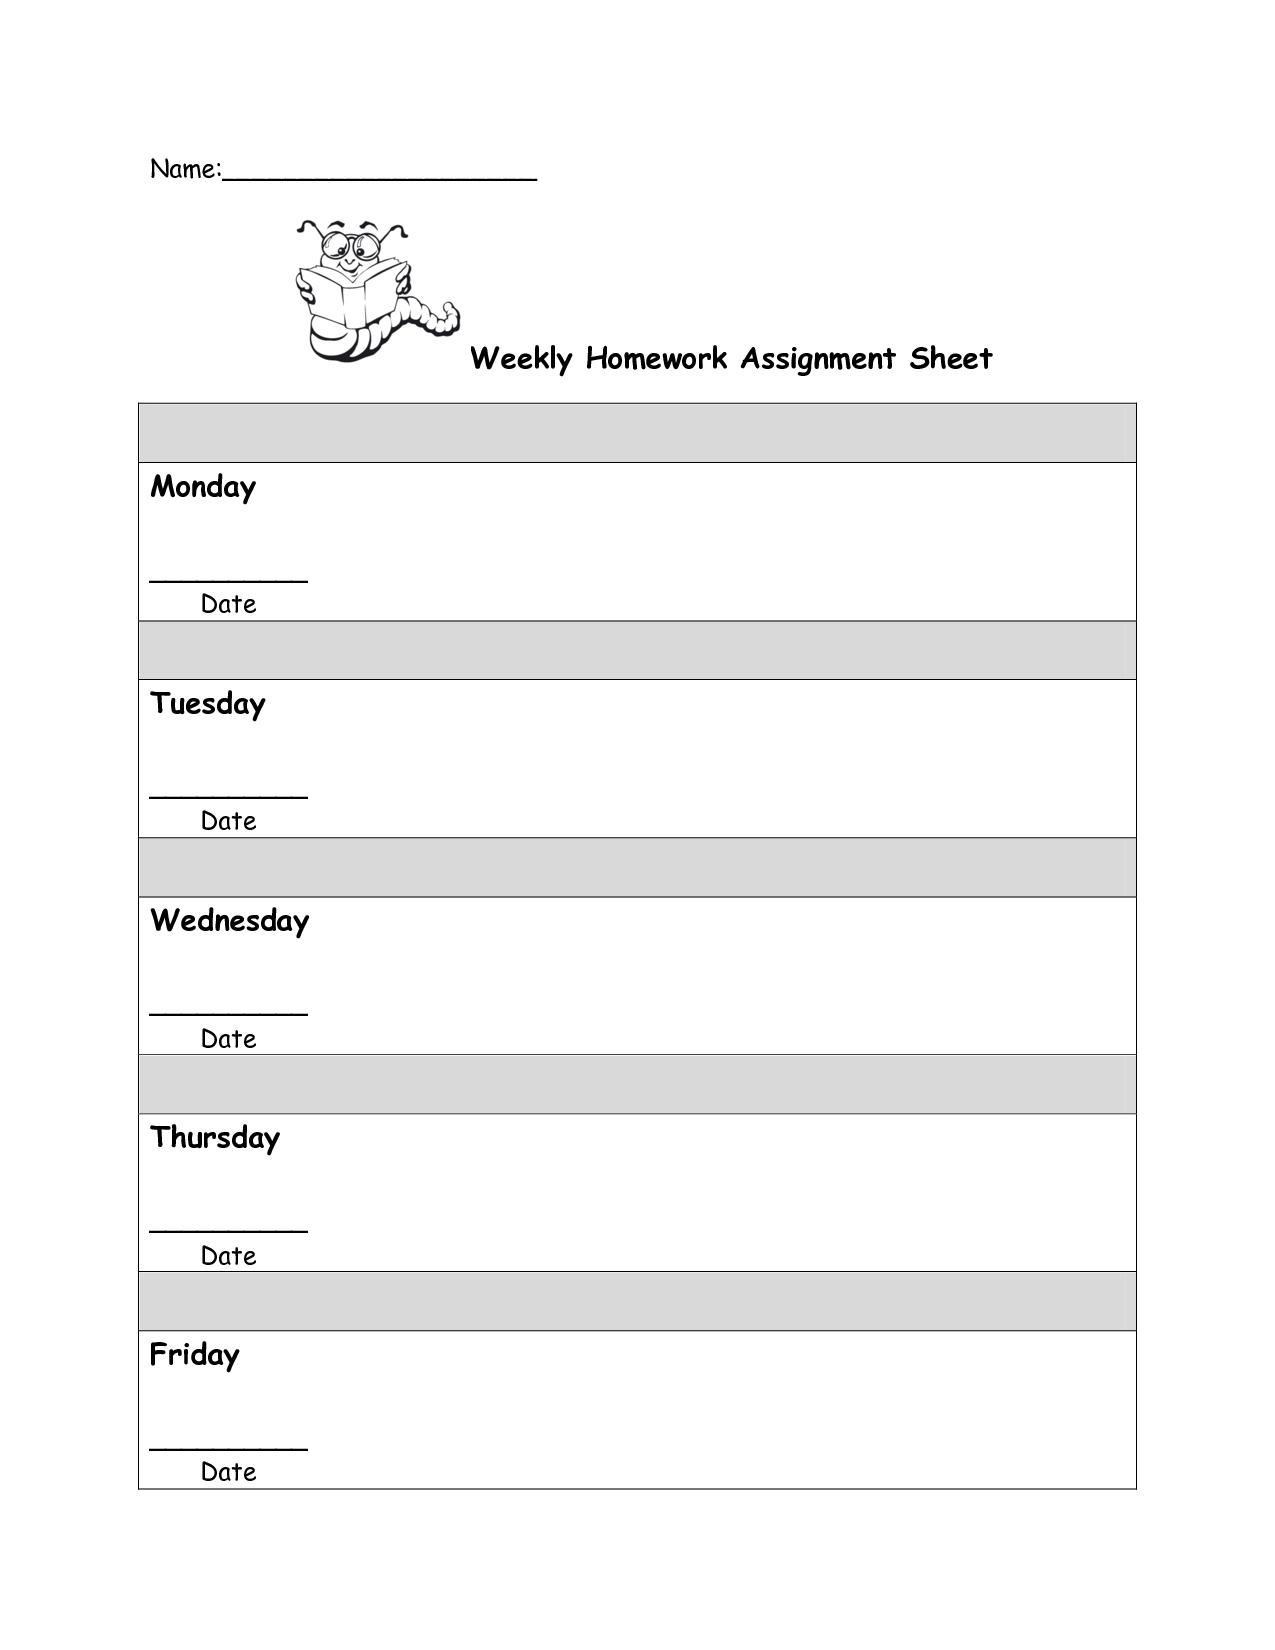 Free Homework Assignment Sheet Template Cakepins   Reading - Free Printable Homework Assignment Sheets